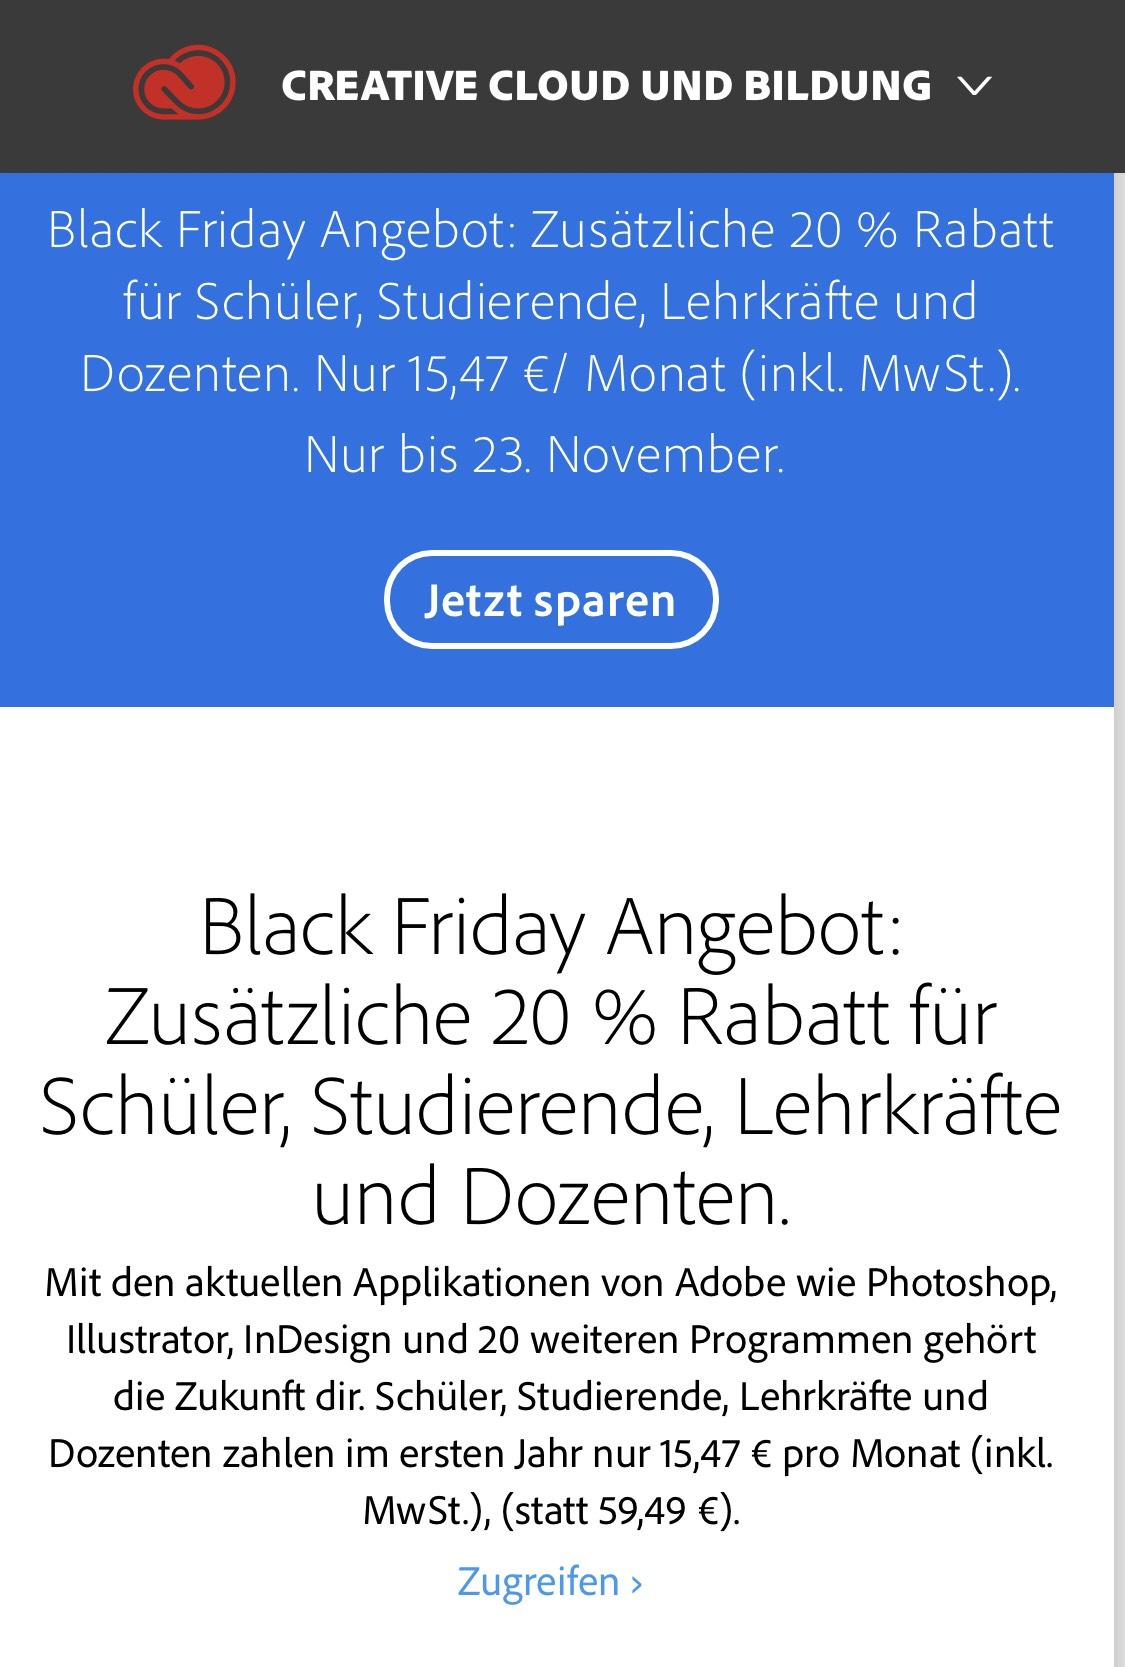 Black Friday: 20% Rabatt für Studenten auf Adobe Creative Cloud